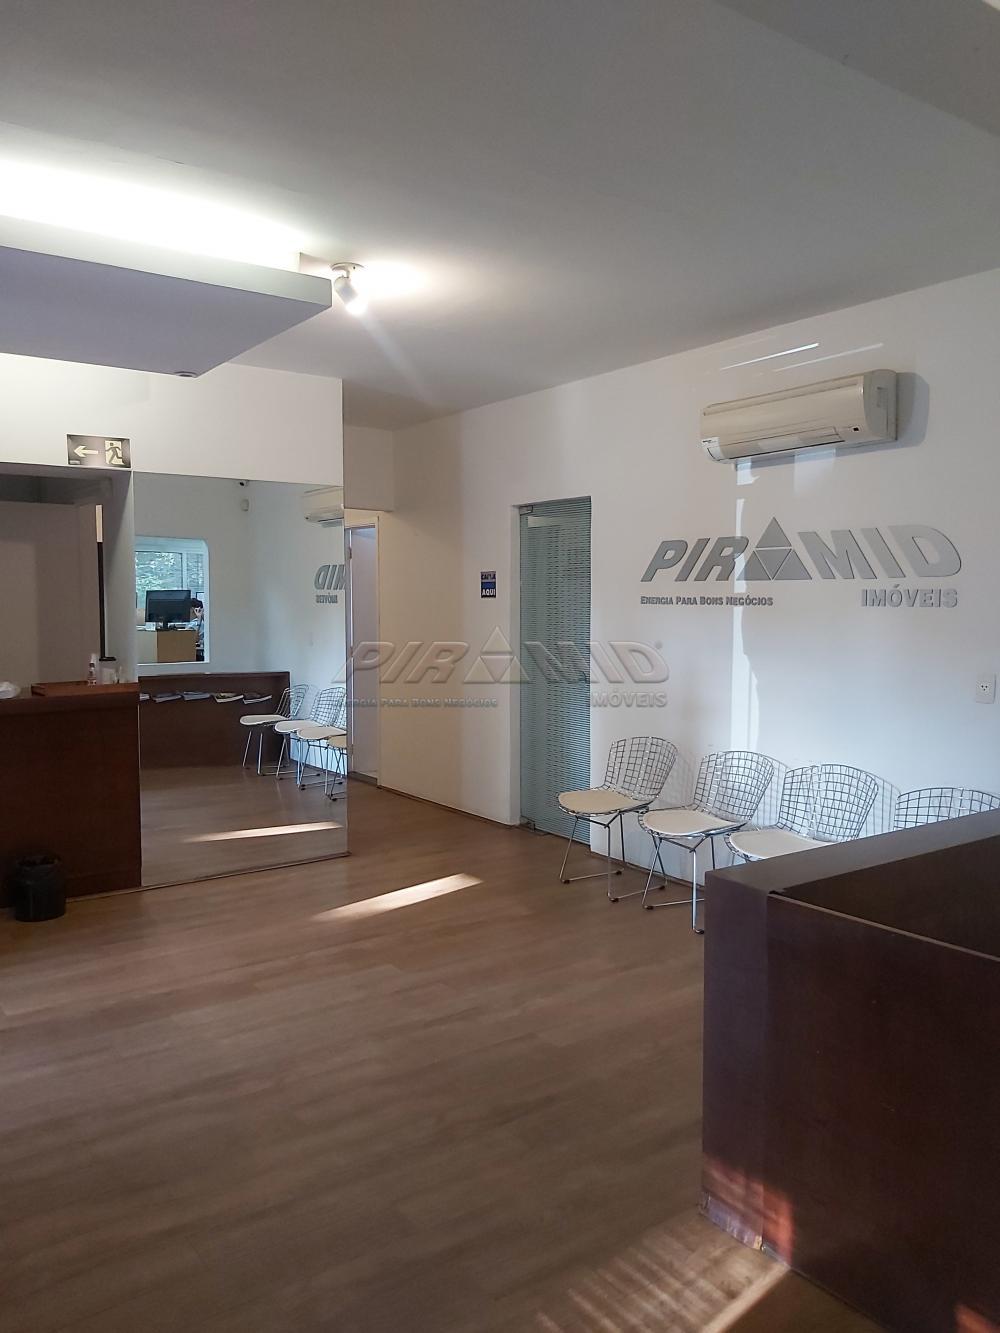 Alugar Casa / Padrão em Ribeirão Preto R$ 9.500,00 - Foto 5